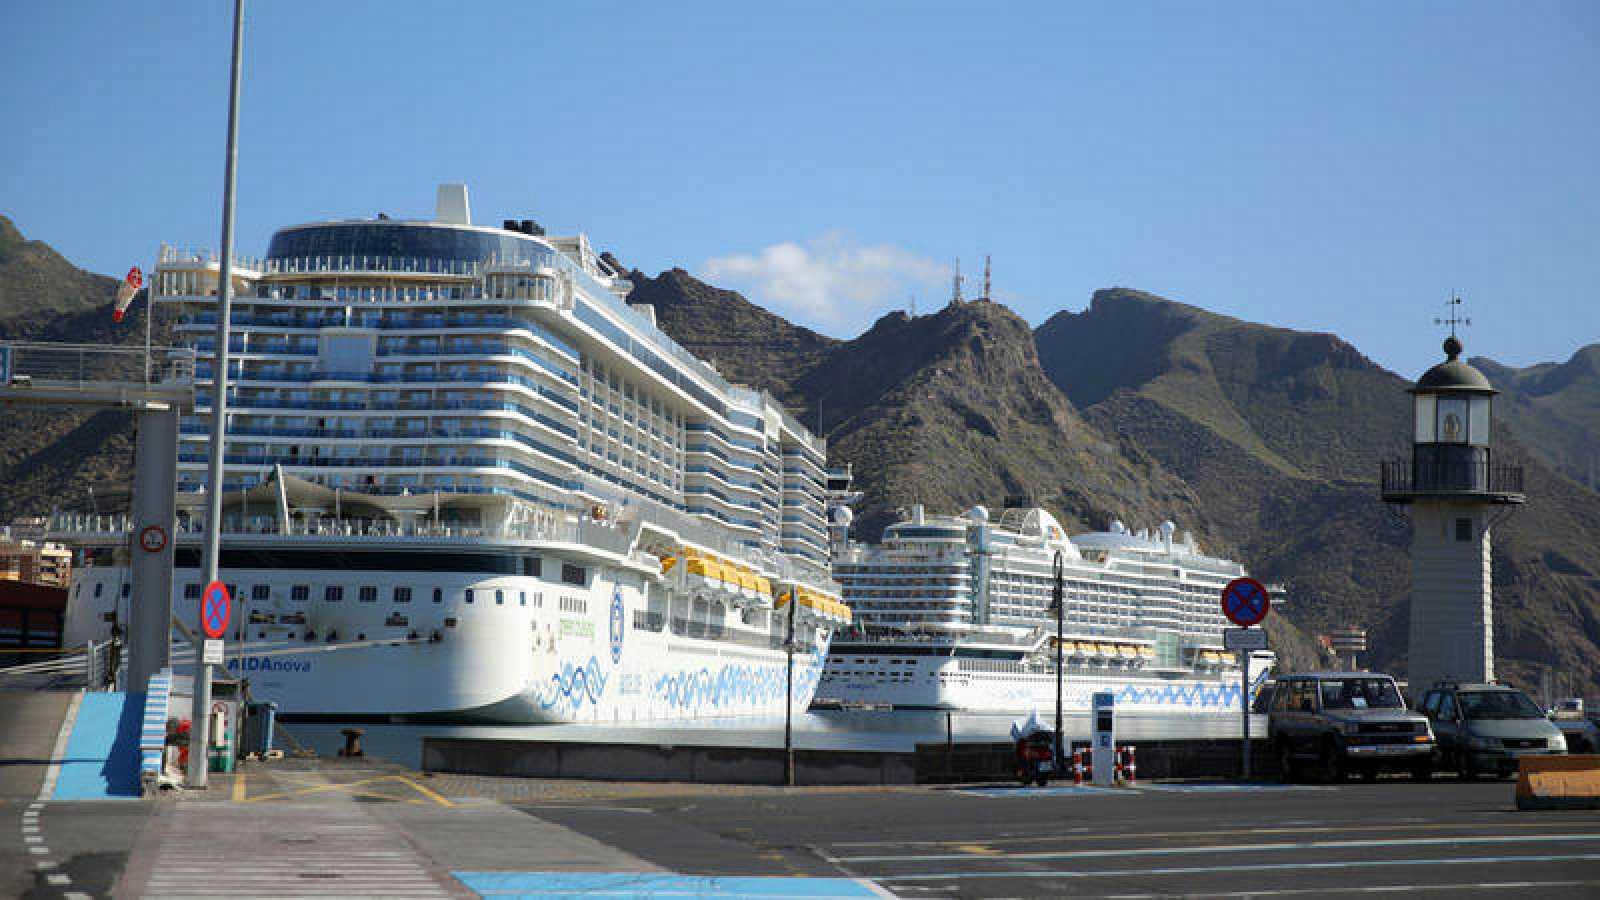 Dos cruceros italianos atracados en el puerto de Tenerife